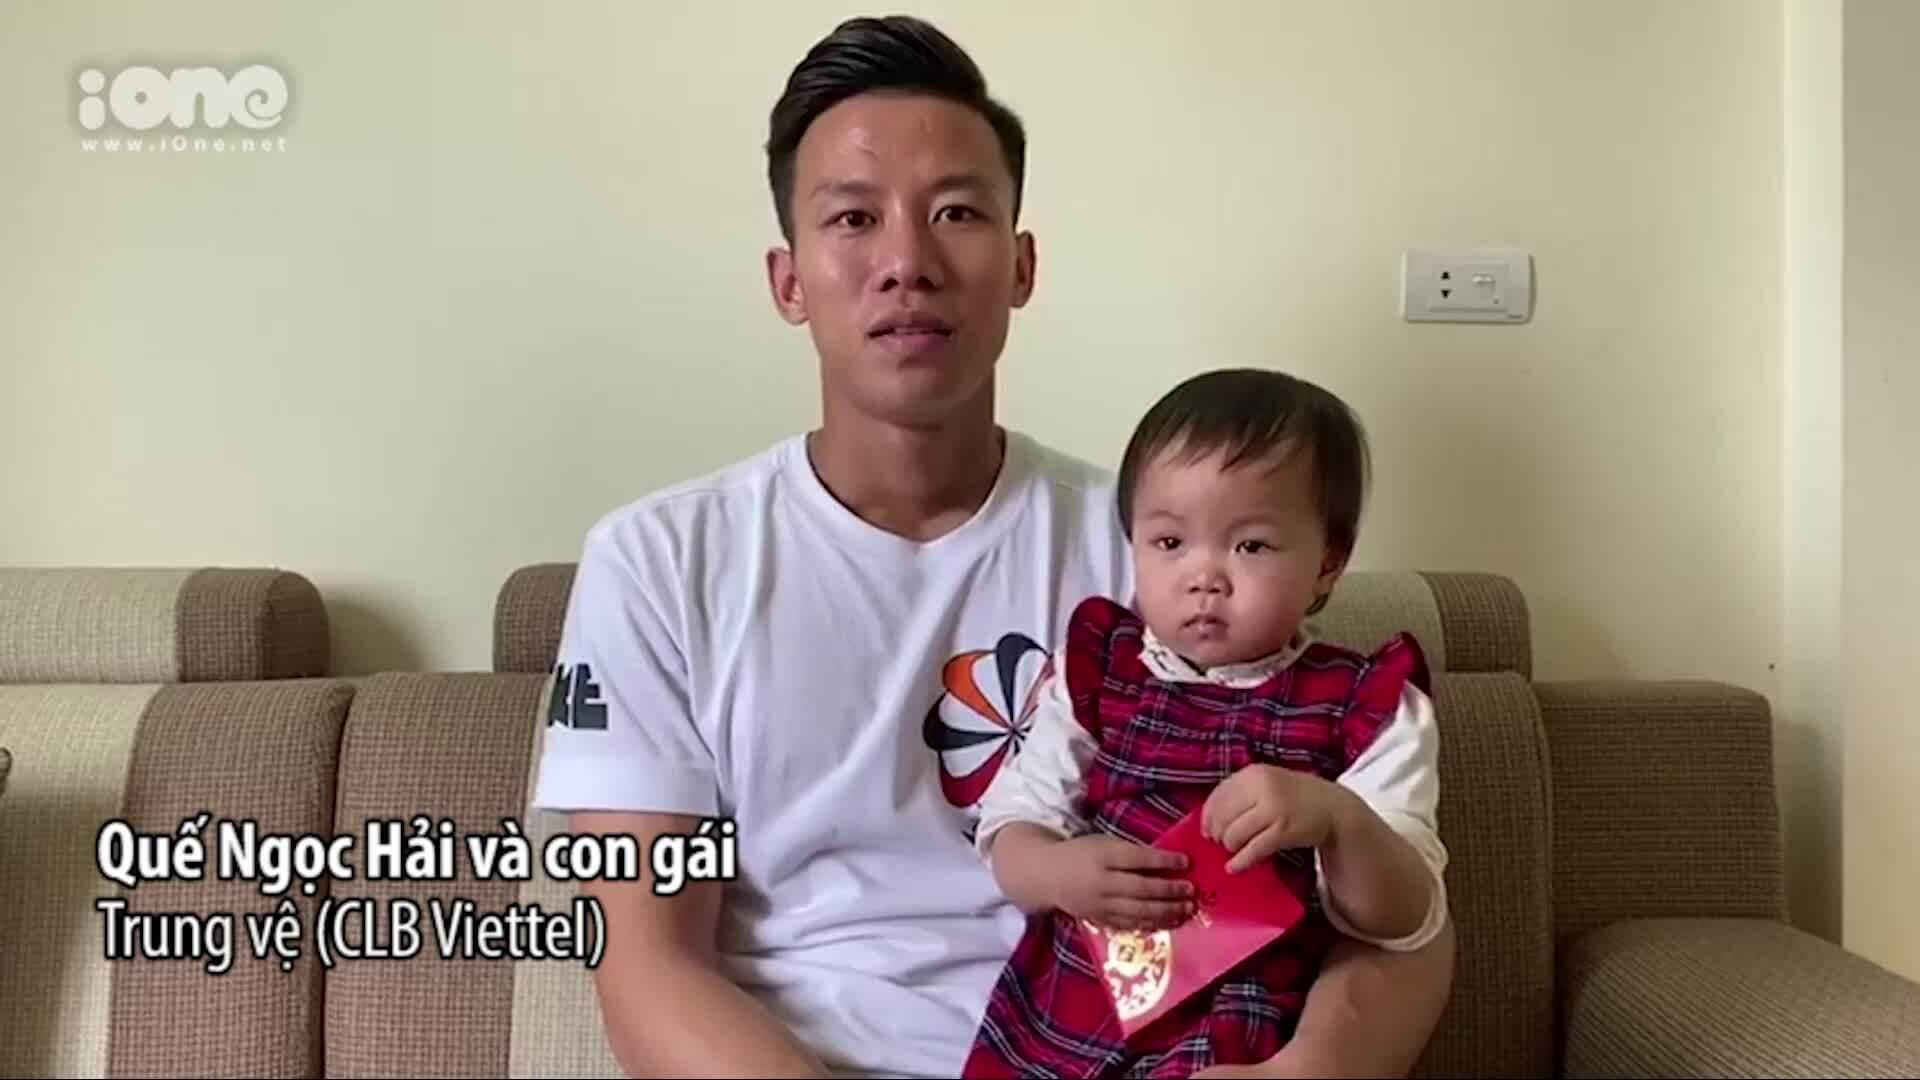 Quế Hải, Văn Đức, Minh Vương chúc tết độc giả iOne